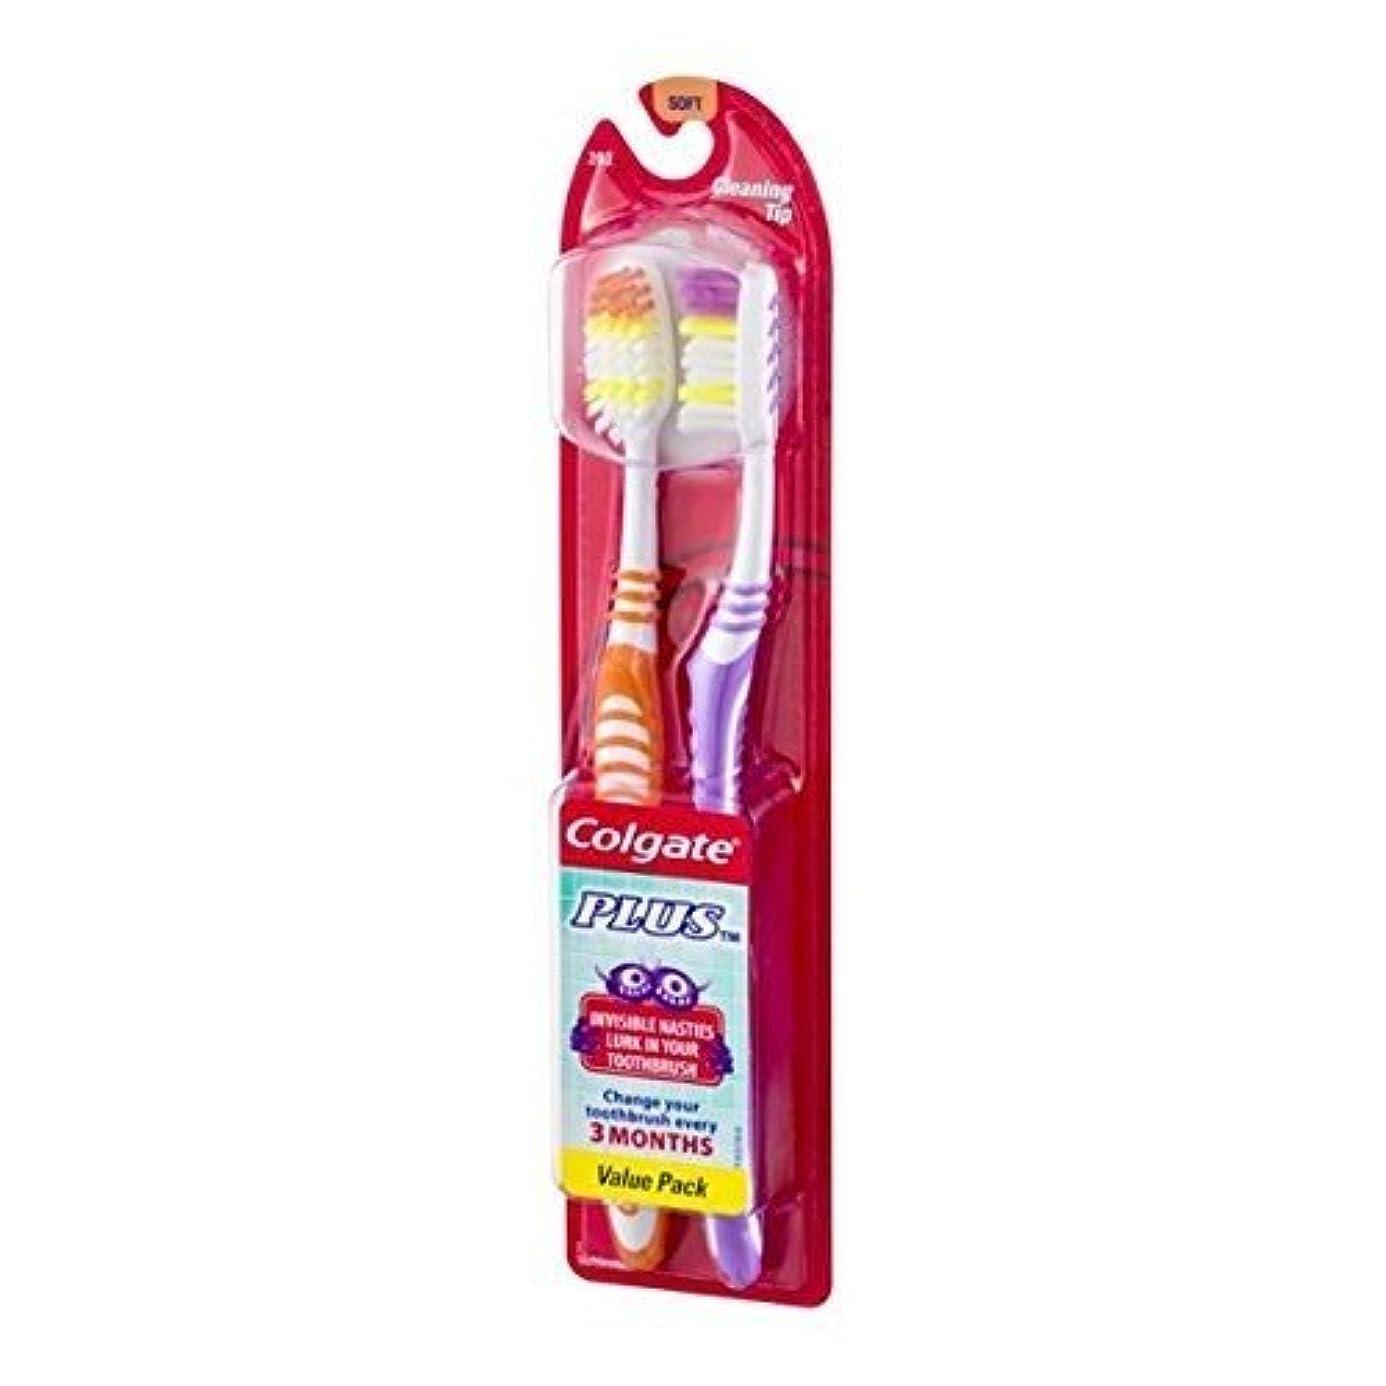 くしゃみ癌記事Colgate プラスToothbrsh広告サイズ2PKプラス歯ブラシアダルト2PK FHS 2PK